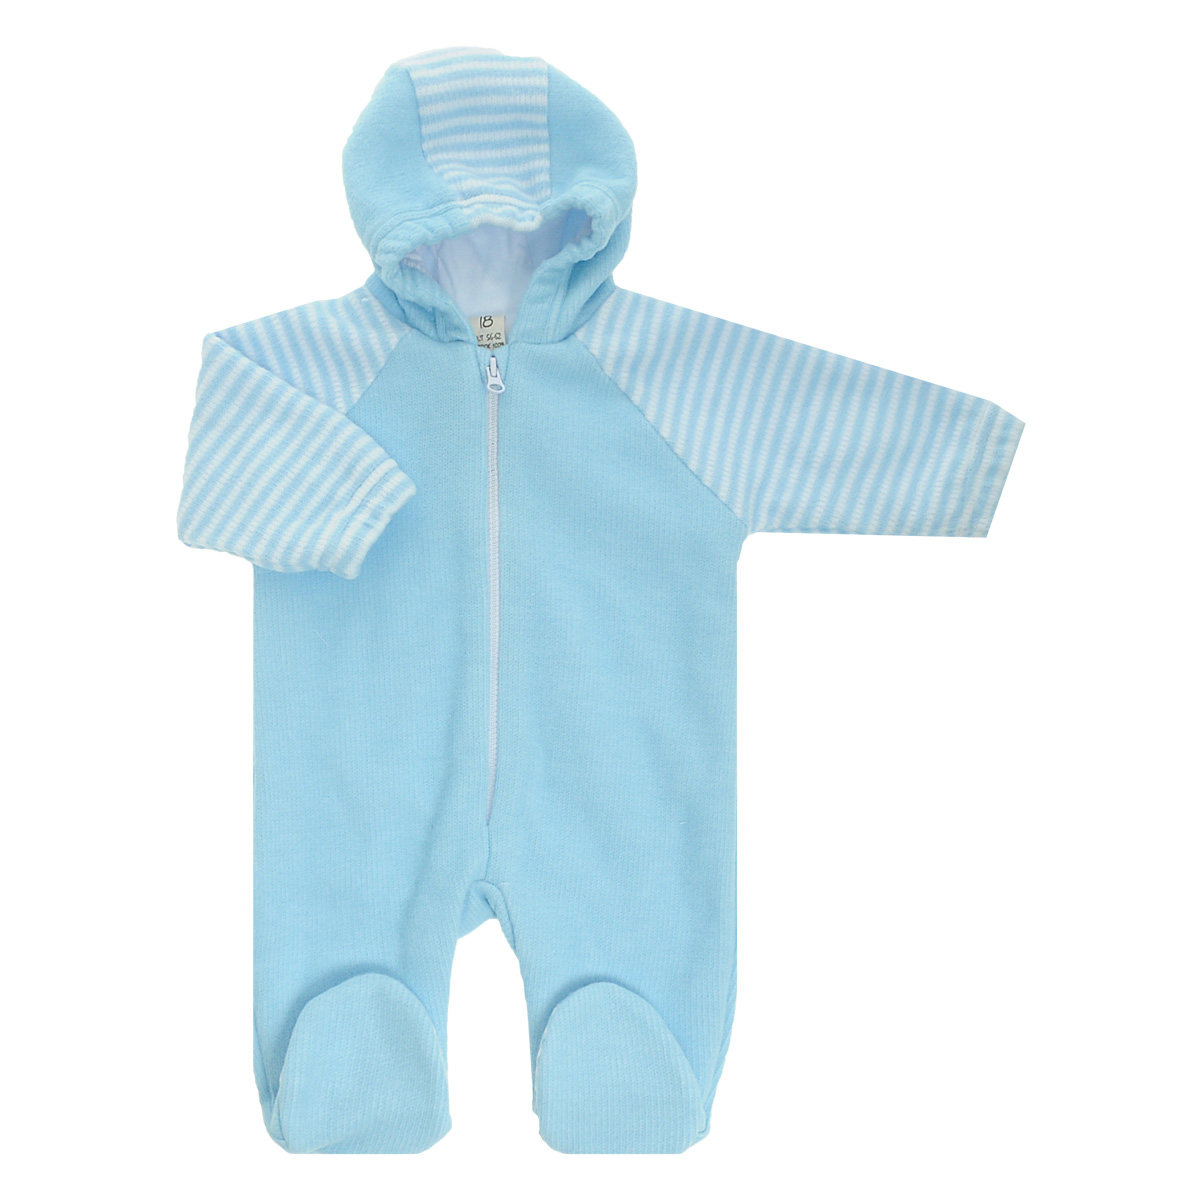 Комбинезон детский Lucky Child, цвет: голубой, белая полоска. 4-13. Размер 68/744-13Детский вязаный комбинезон с капюшоном Lucky Child - очень удобный и практичный вид одежды для малышей. Комбинезон выполнен из натурального хлопка, на подкладке также используется натуральный хлопок, благодаря чему он необычайно мягкий и приятный на ощупь, не раздражают нежную кожу ребенка и хорошо вентилируются, а эластичные швы приятны телу малыша и не препятствуют его движениям. Комбинезон с длинными рукавами-реглан и закрытыми ножками имеет пластиковую застежку-молнию по центру, которая помогает легко переодеть младенца. Рукава понизу дополнены неширокими эластичными манжетами, не перетягивающими запястья. С детским комбинезоном Lucky Child спинка и ножки вашего малыша всегда будут в тепле. Комбинезон полностью соответствует особенностям жизни младенца в ранний период, не стесняя и не ограничивая его в движениях!